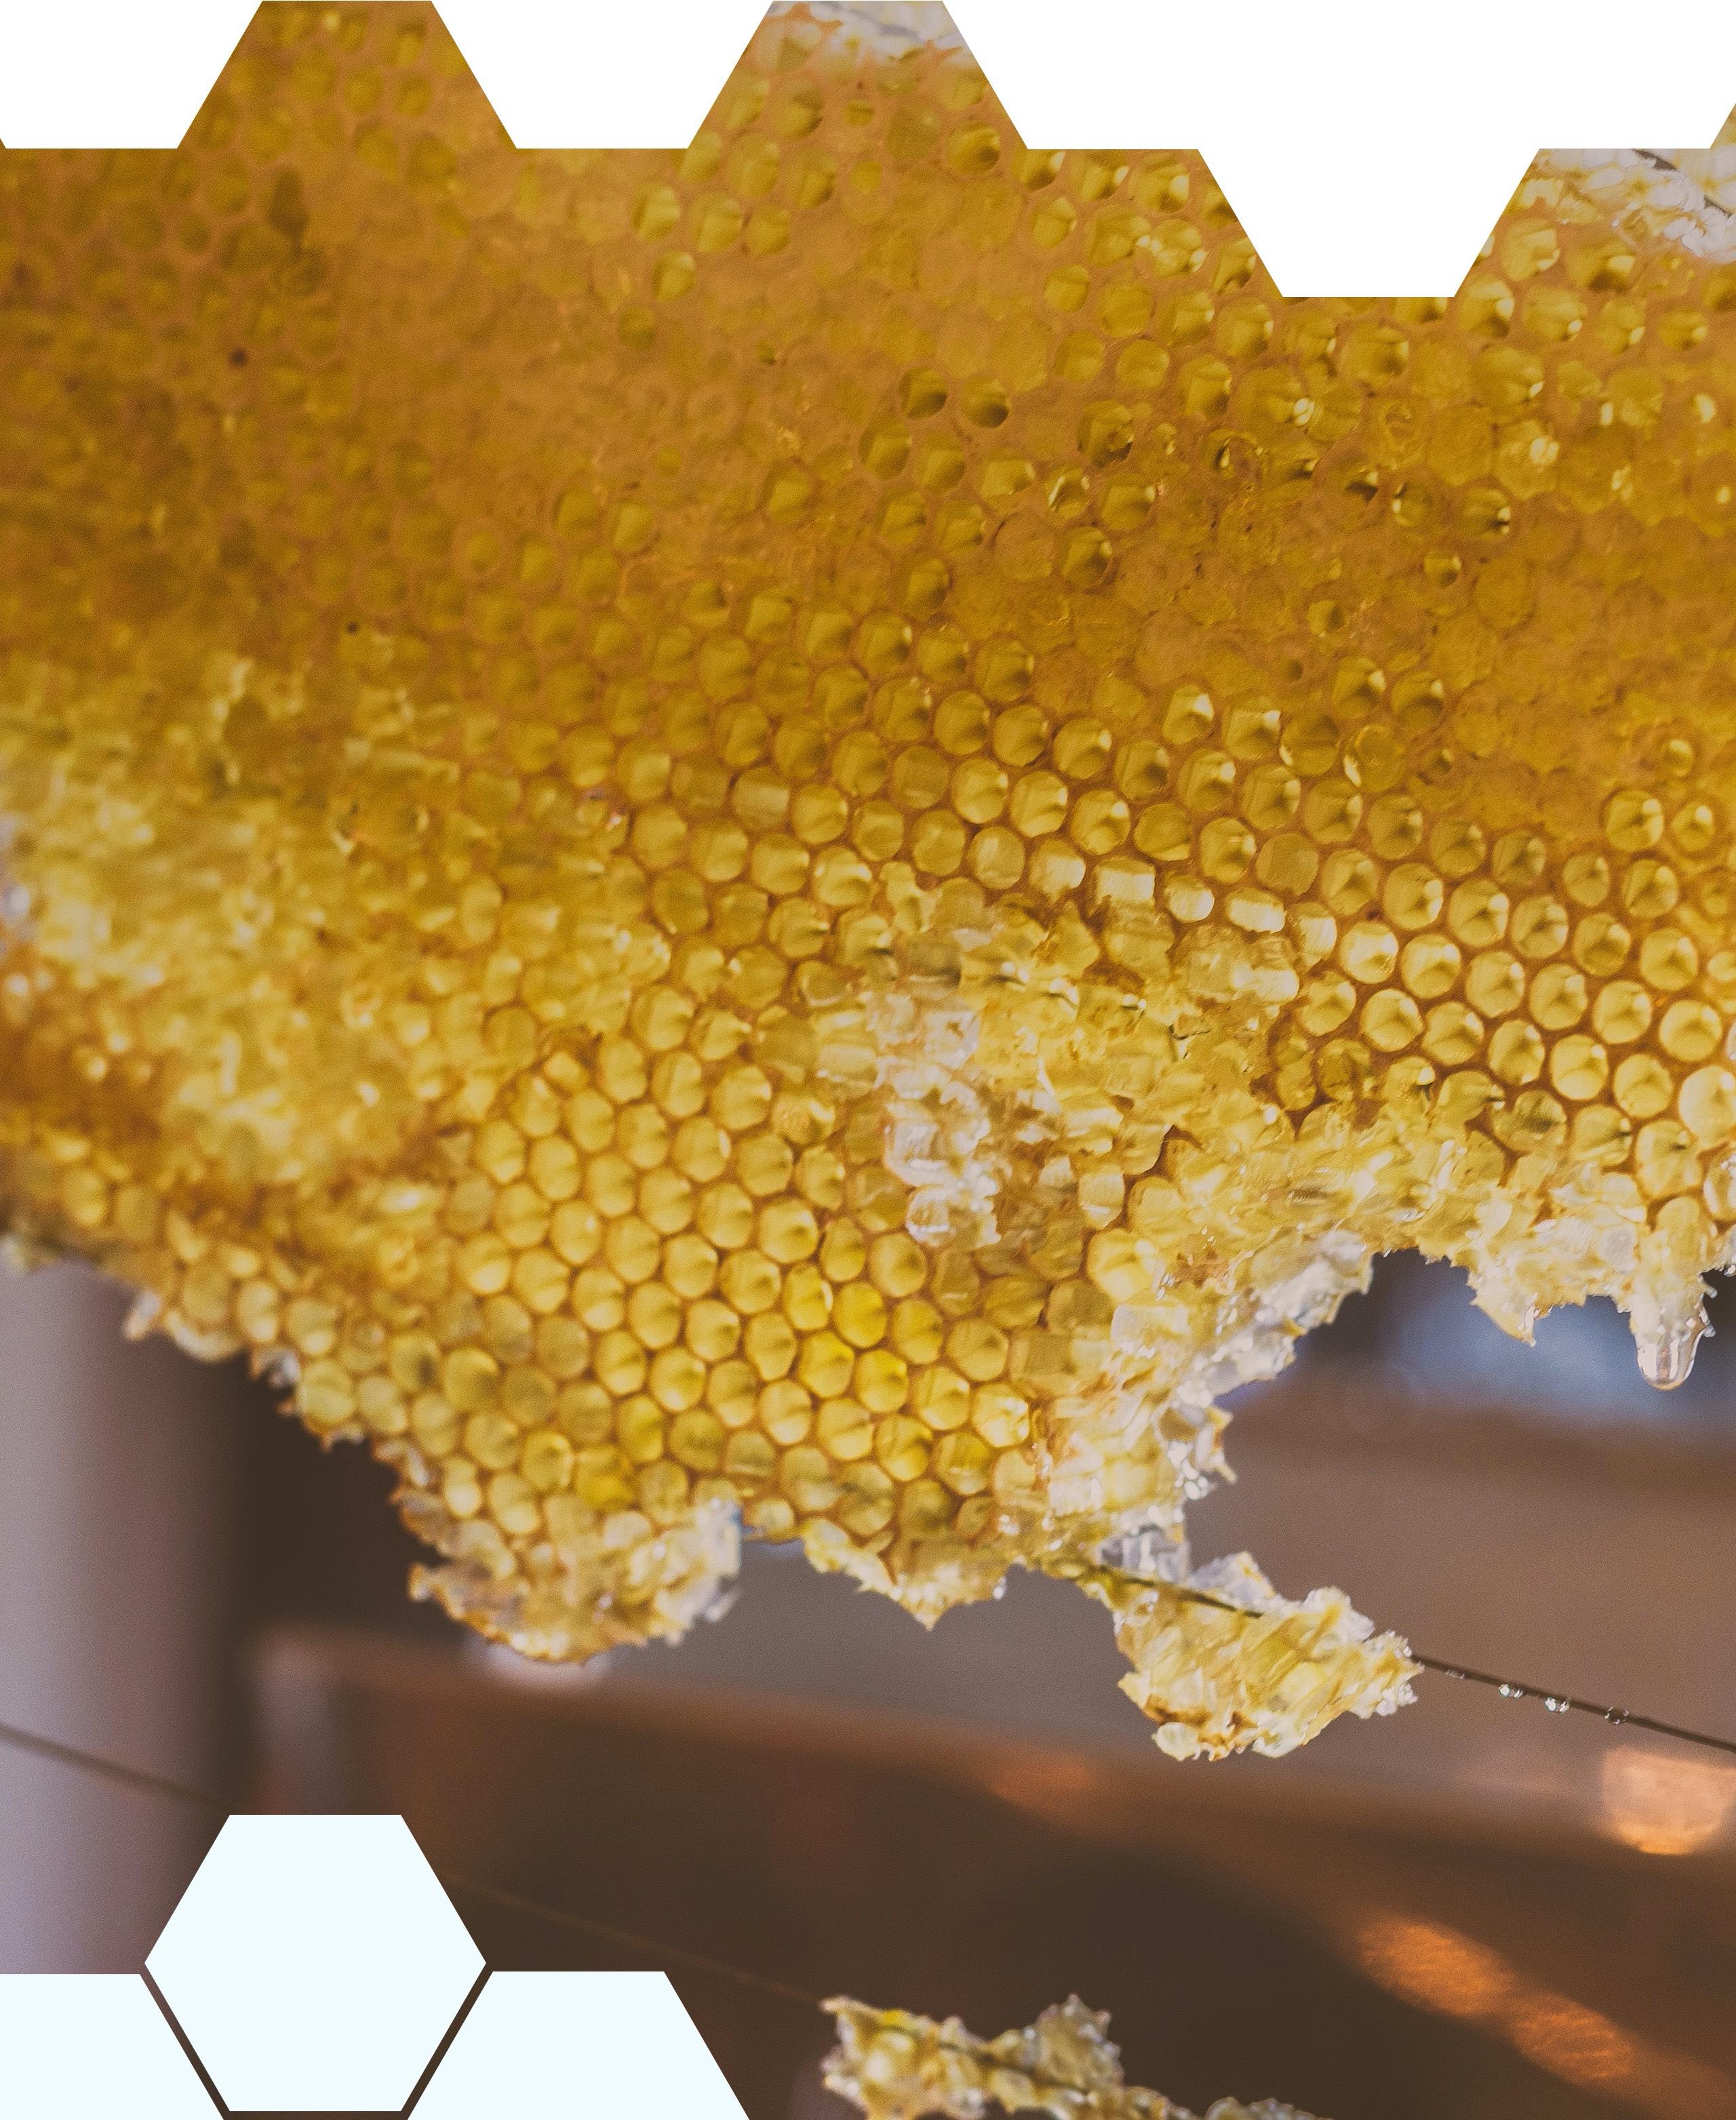 A close up of a honeycomb.